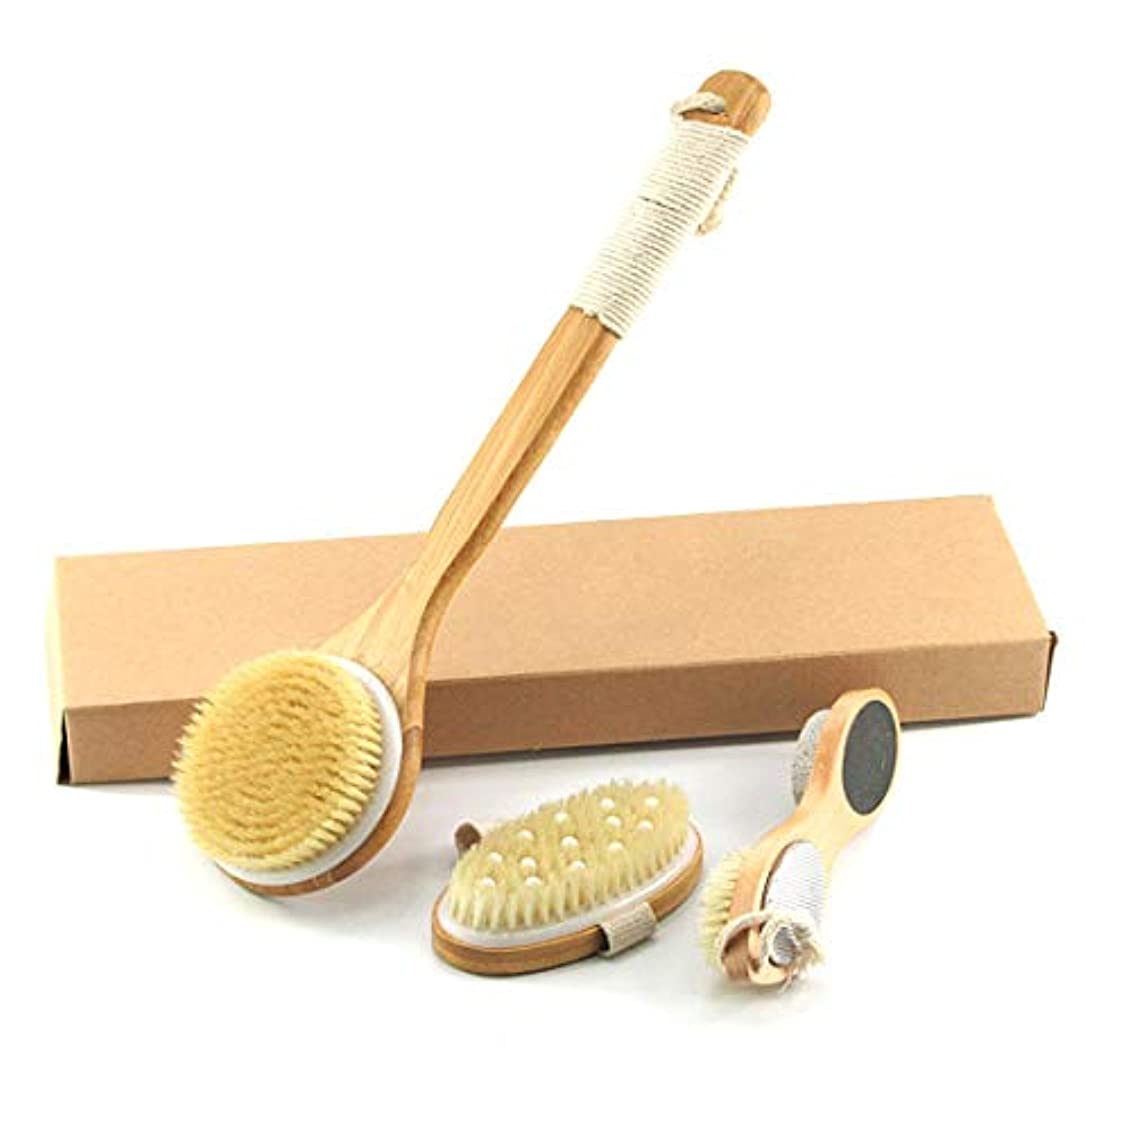 動月曜日調整可能Rerii ボディブラシ 三点セット 豚毛 体洗いブラシ 背中ブラシ 足ブラシ 全身マサージ 天然竹製 滑り止め付き